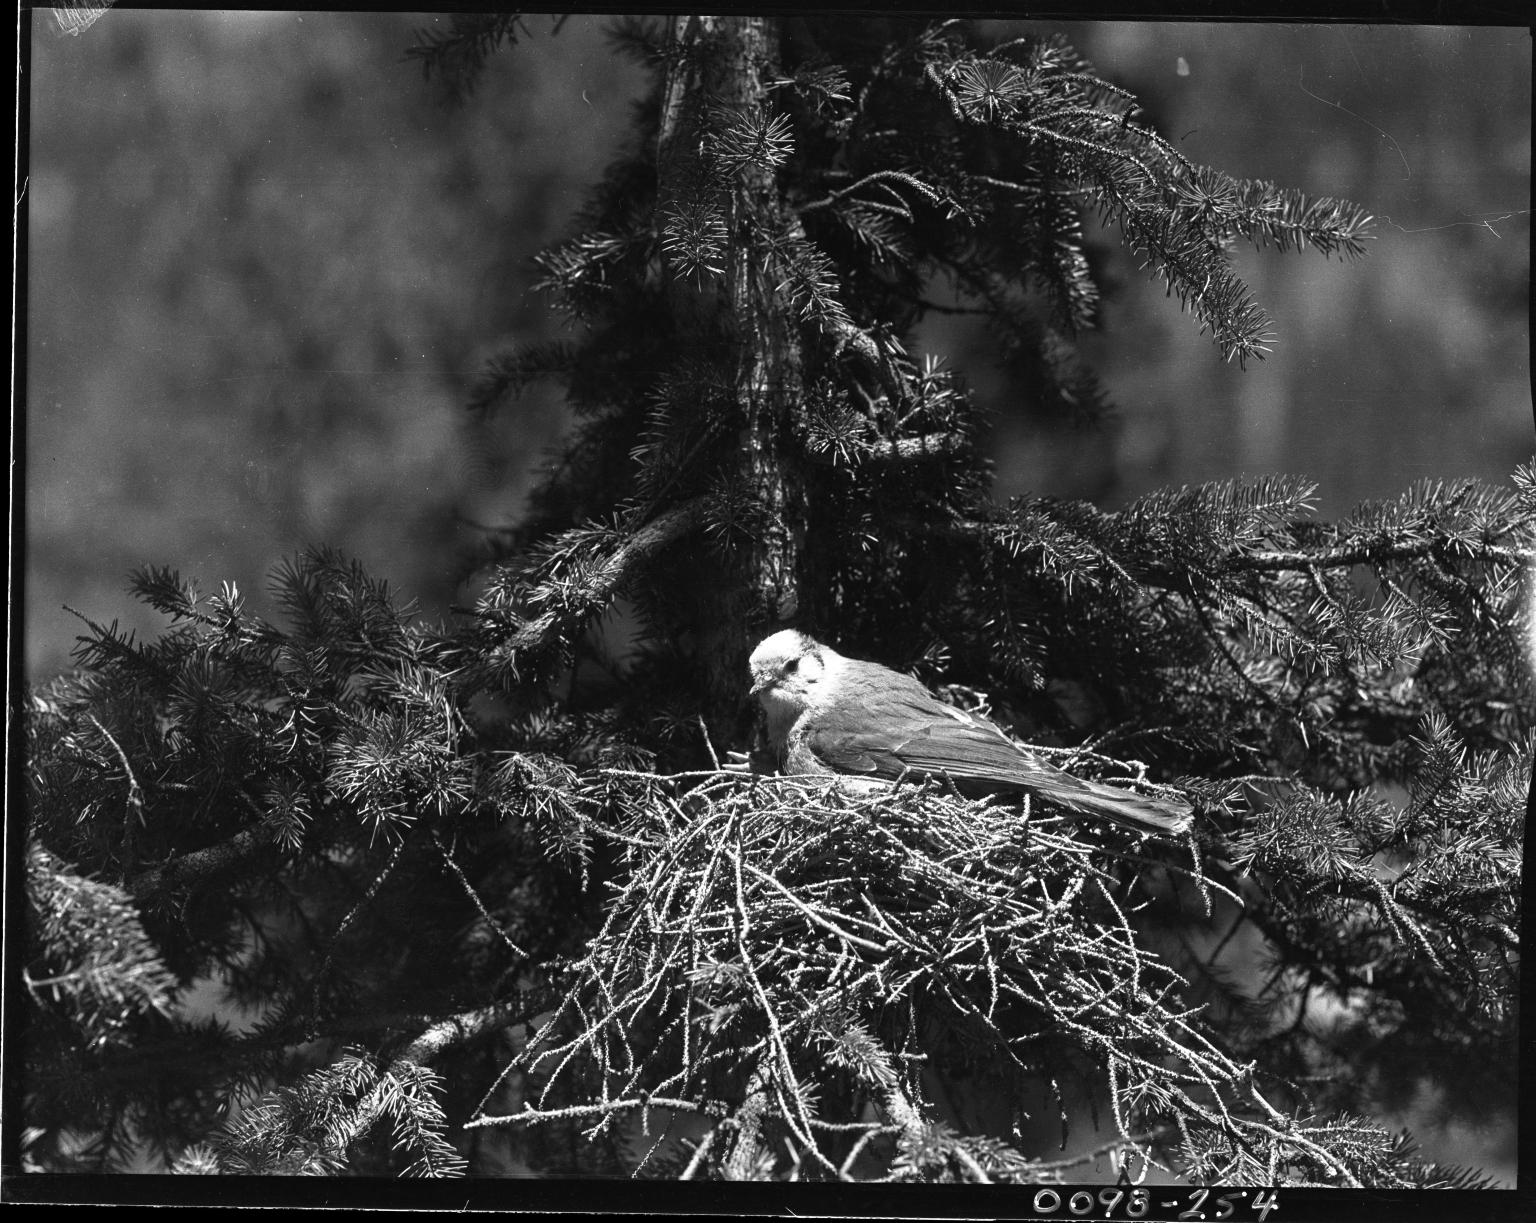 Gray Jay on nest